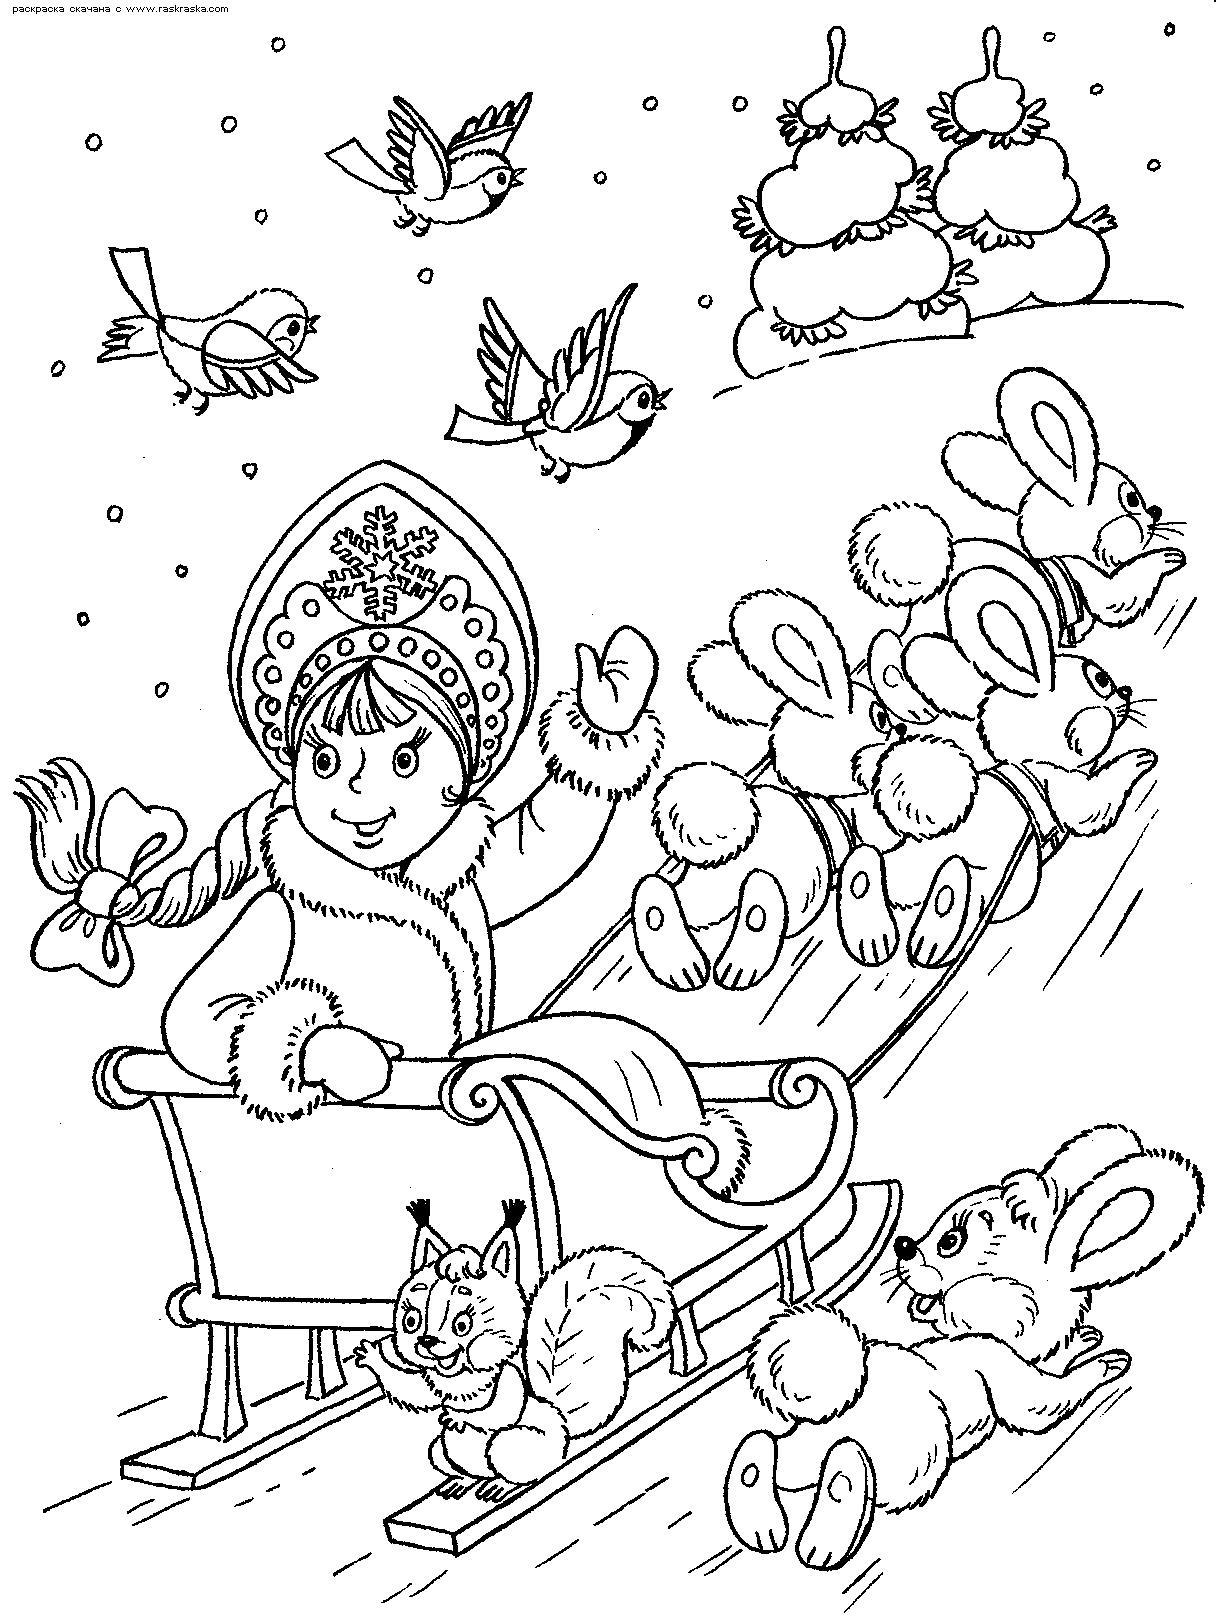 Снегурочка в упряжке зайцев Раскраски зима скачать бесплатно